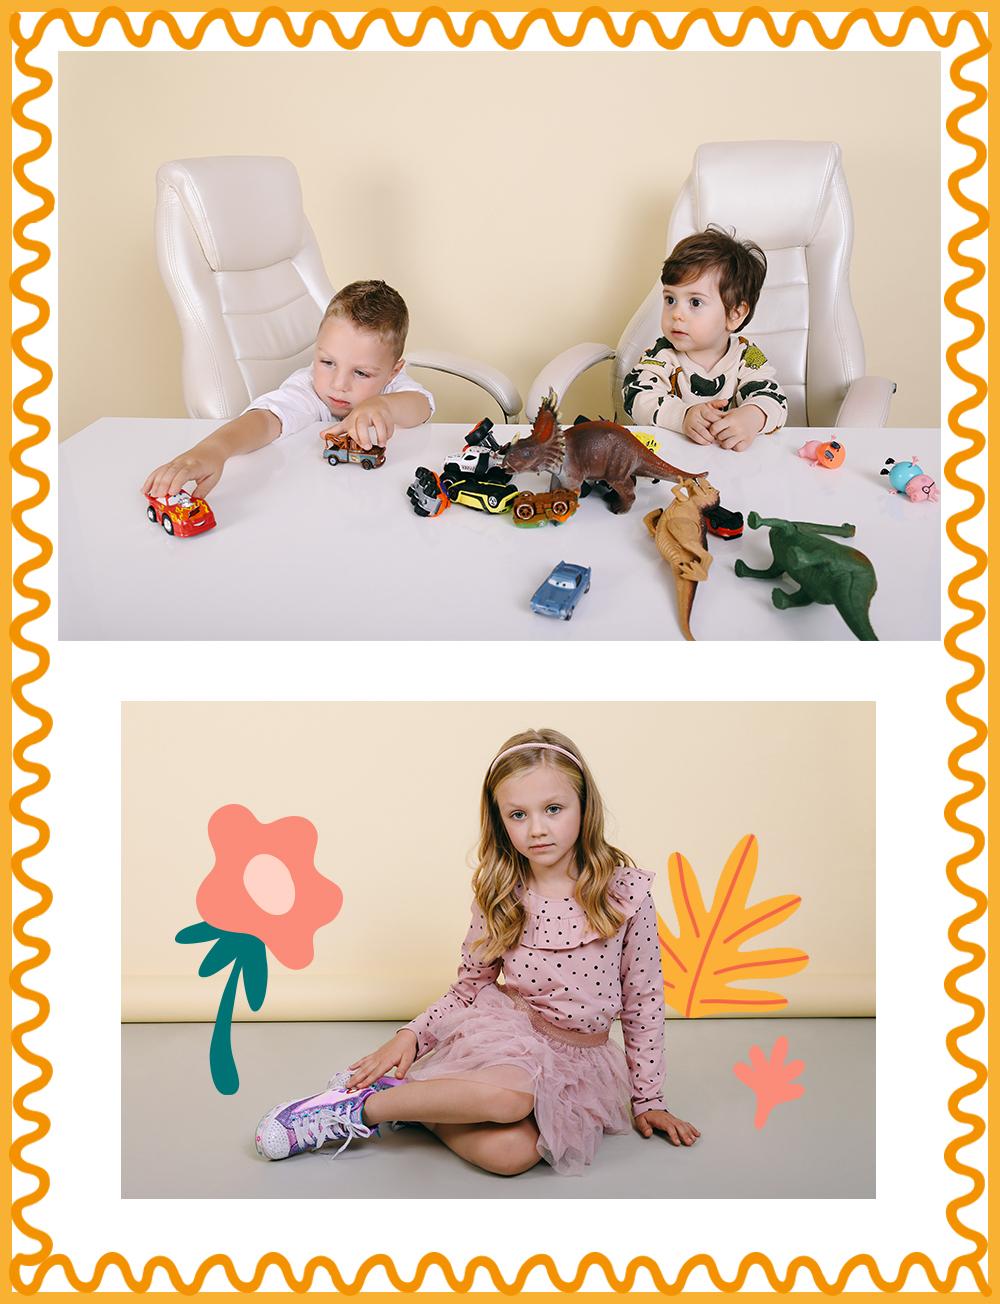 LINDEX KIDS 4 Moda za decu: 5 razloga zašto biramo brend Lindex za naše mališane